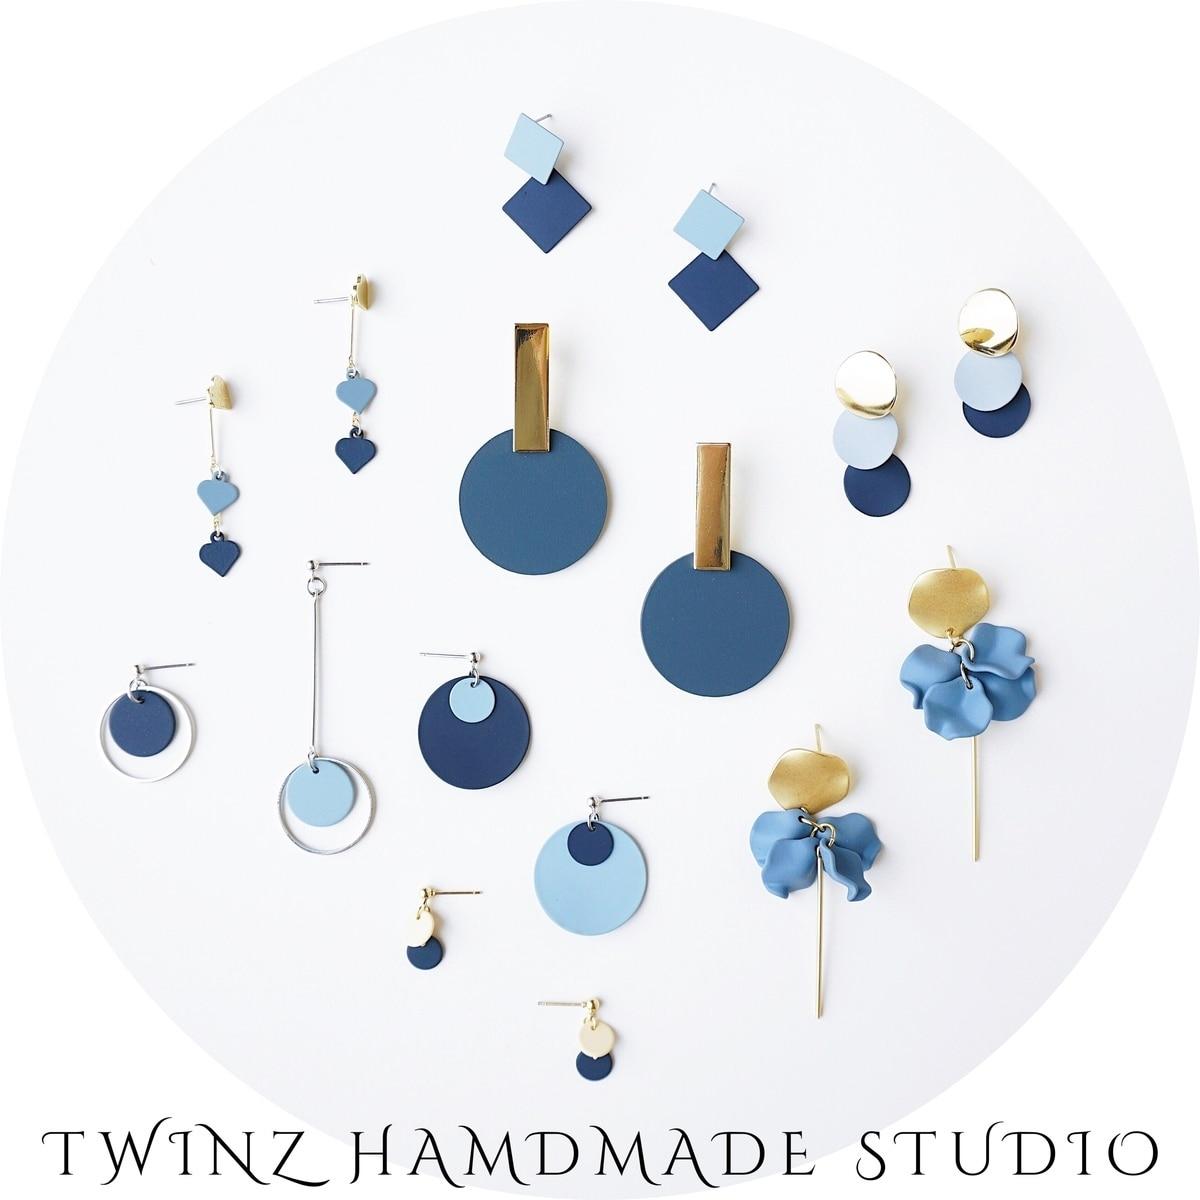 Новые стильные французские синие Эффектные серьги, геометрические вертикальные подвески для женщин, ювелирные изделия в подарок